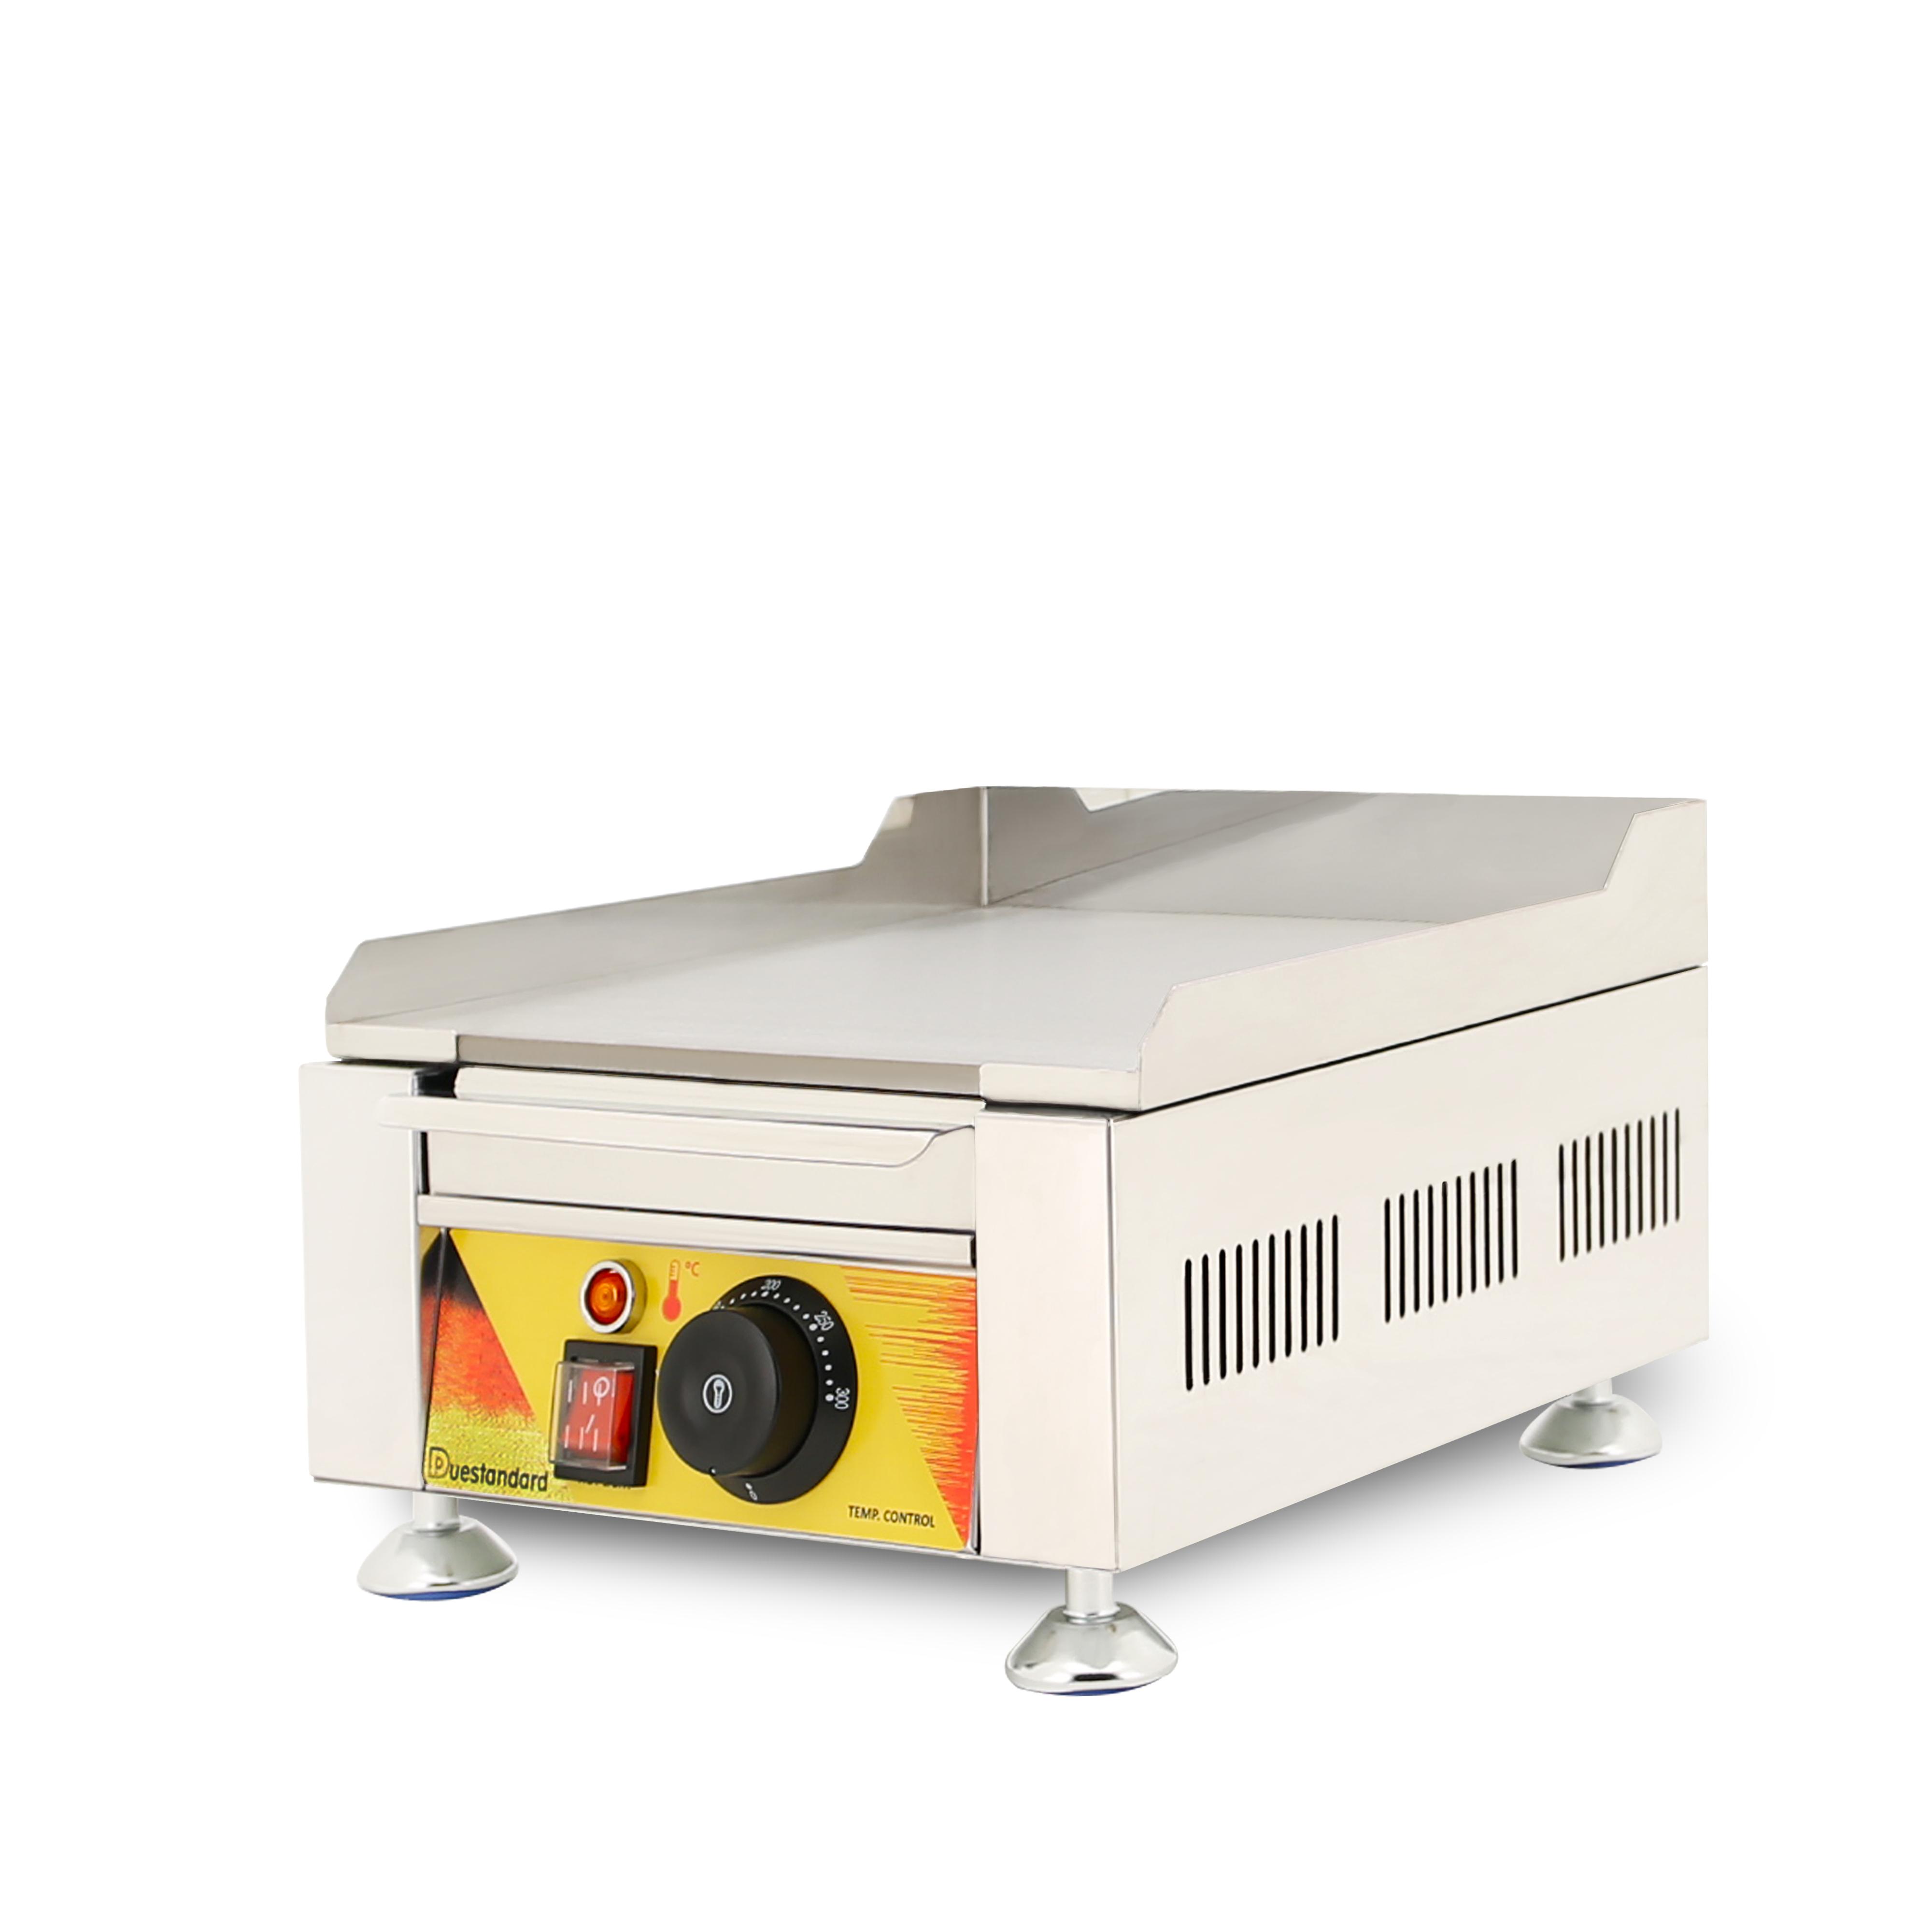 ステンレス鋼 201 電気鉄板焼きグリドル機グリルフラットパン